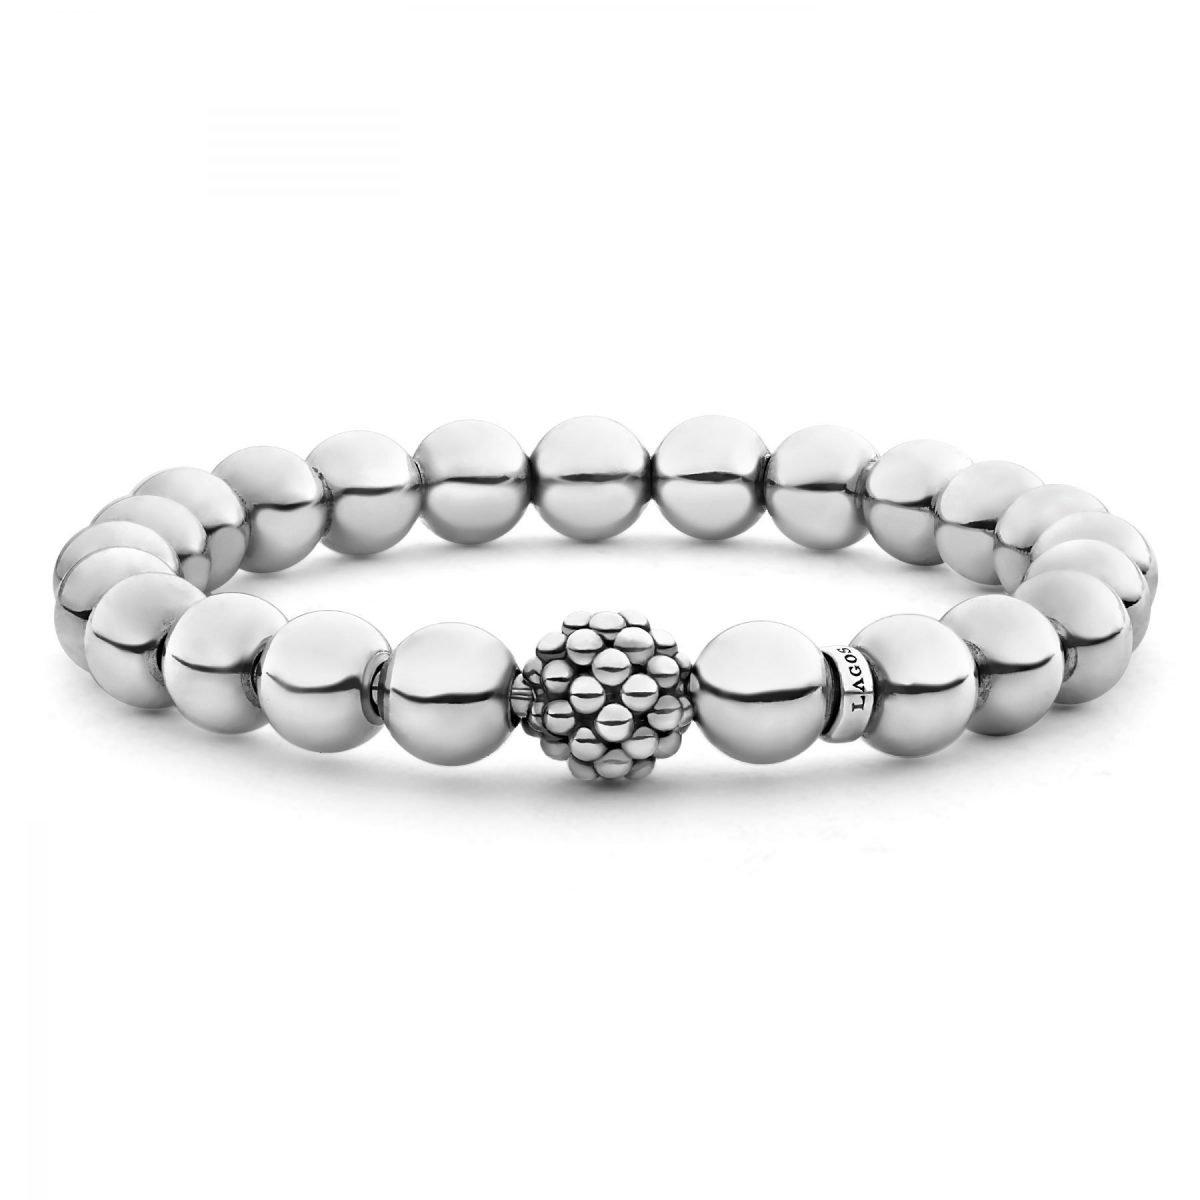 Caviar Silver Bead Bracelet